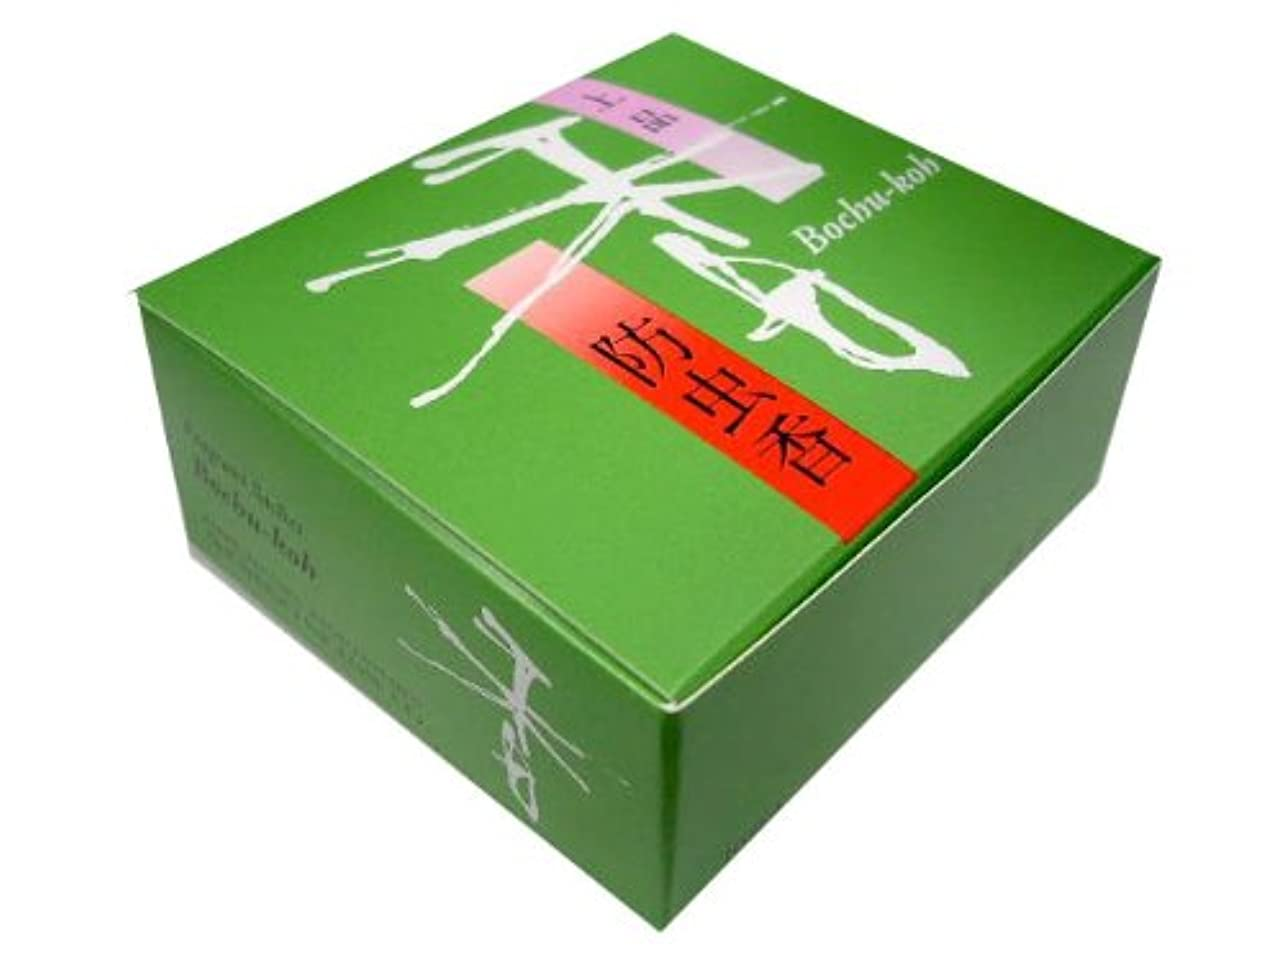 遊びます起訴する断片松栄堂の防虫香 上品 防虫香 10袋入 #520138